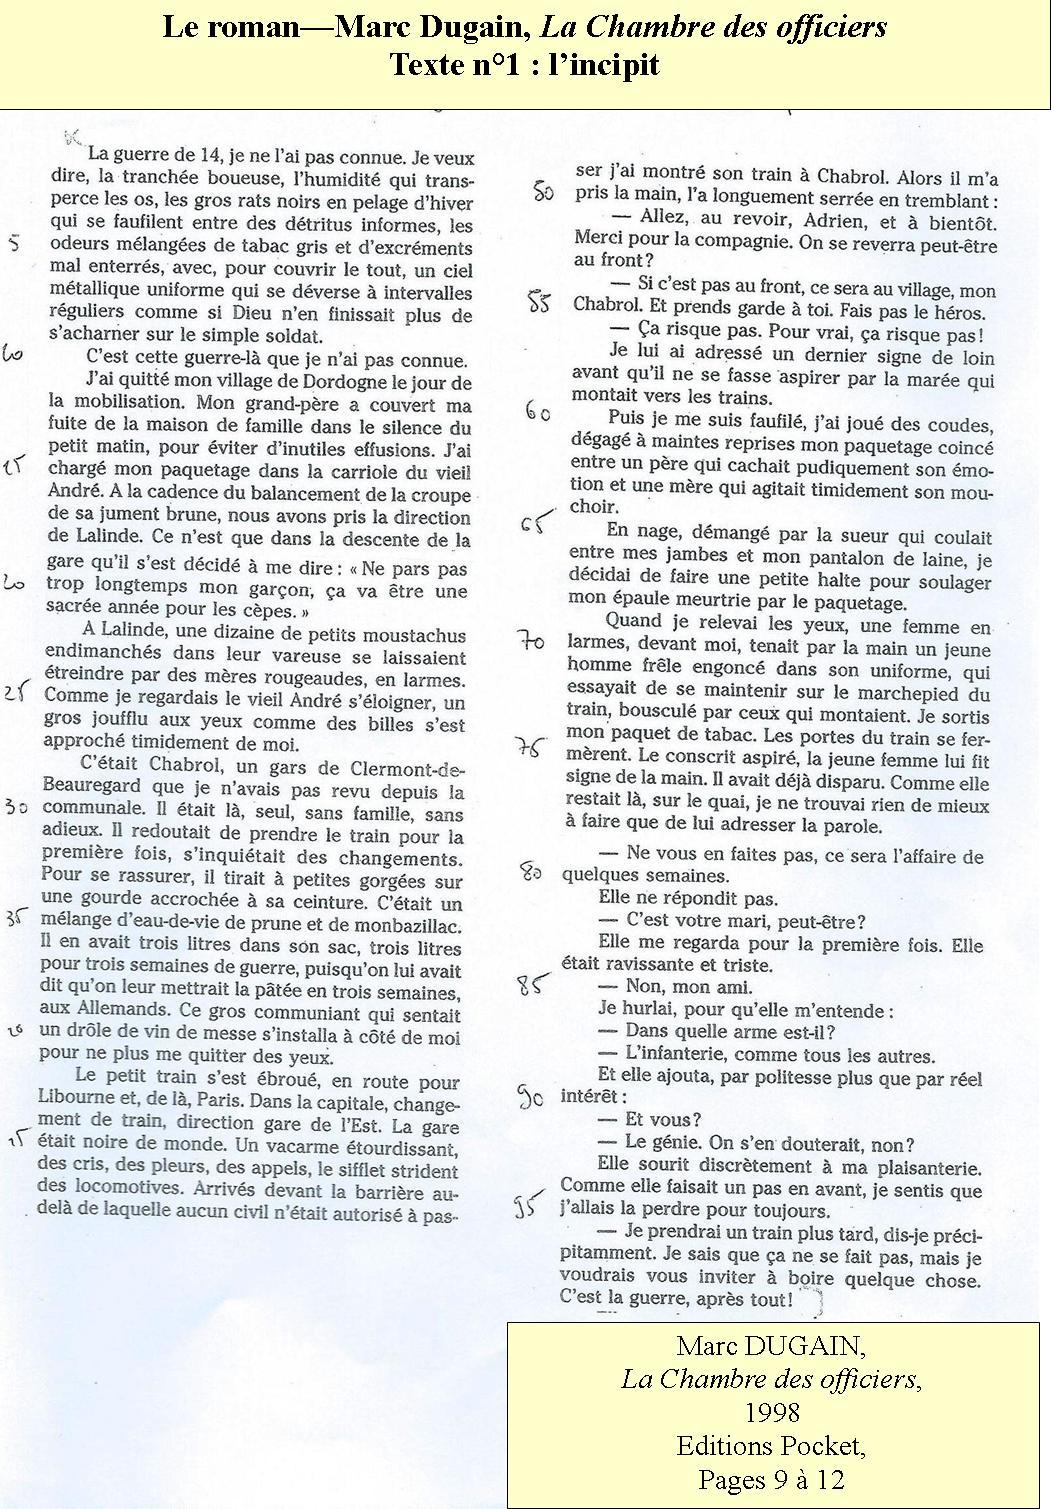 Fran ais sti stmg du lyc e queneau yvetot - Analyse la chambre des officiers marc dugain ...